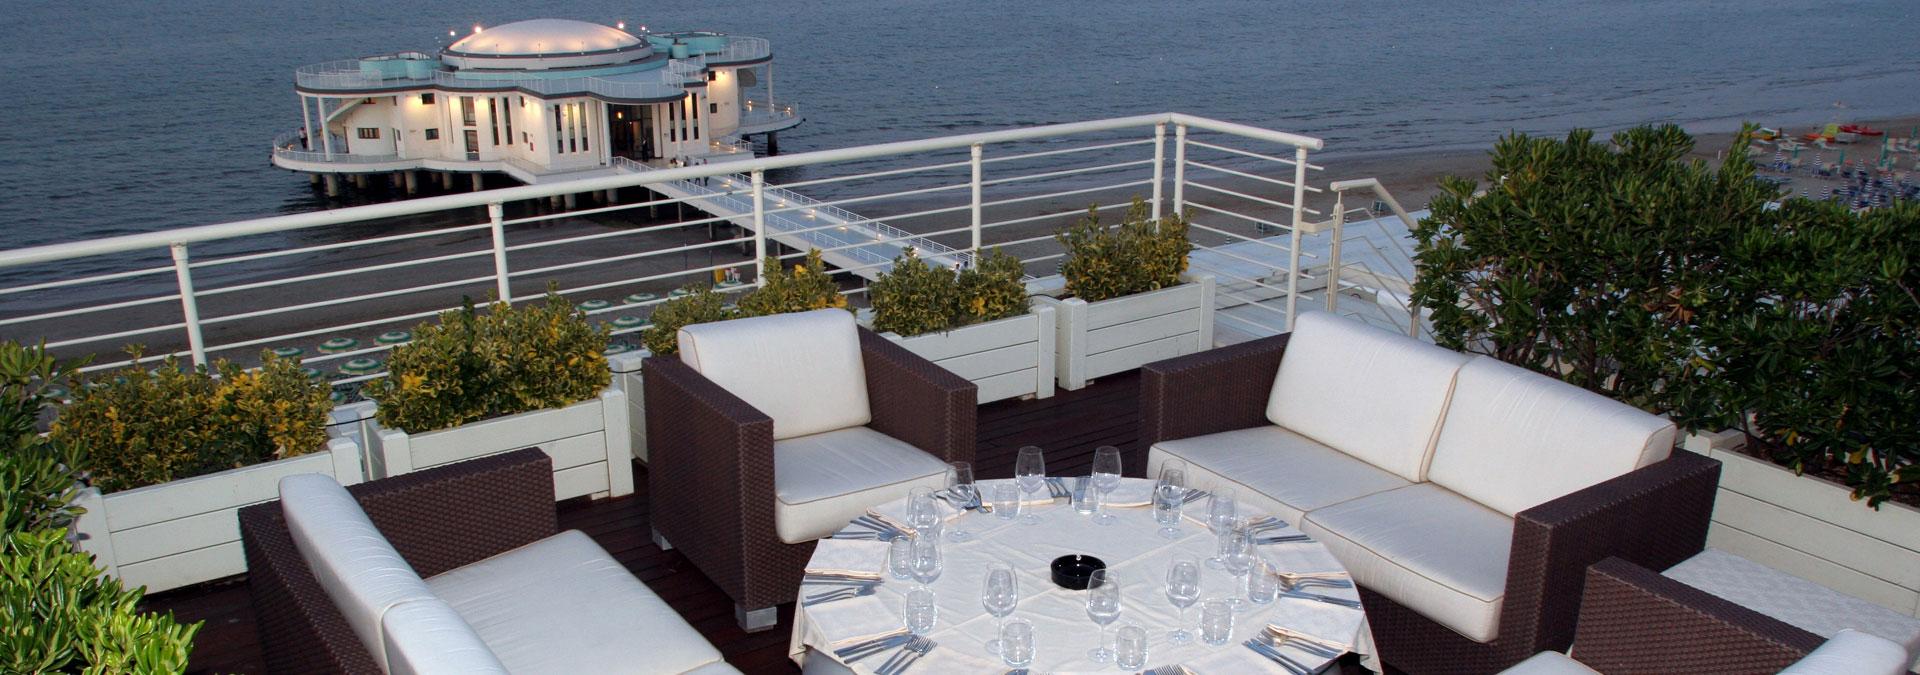 Terrazza Marconi Hotel&Spamarine, Italy, Marche, Ancona - TRIPinVIEW